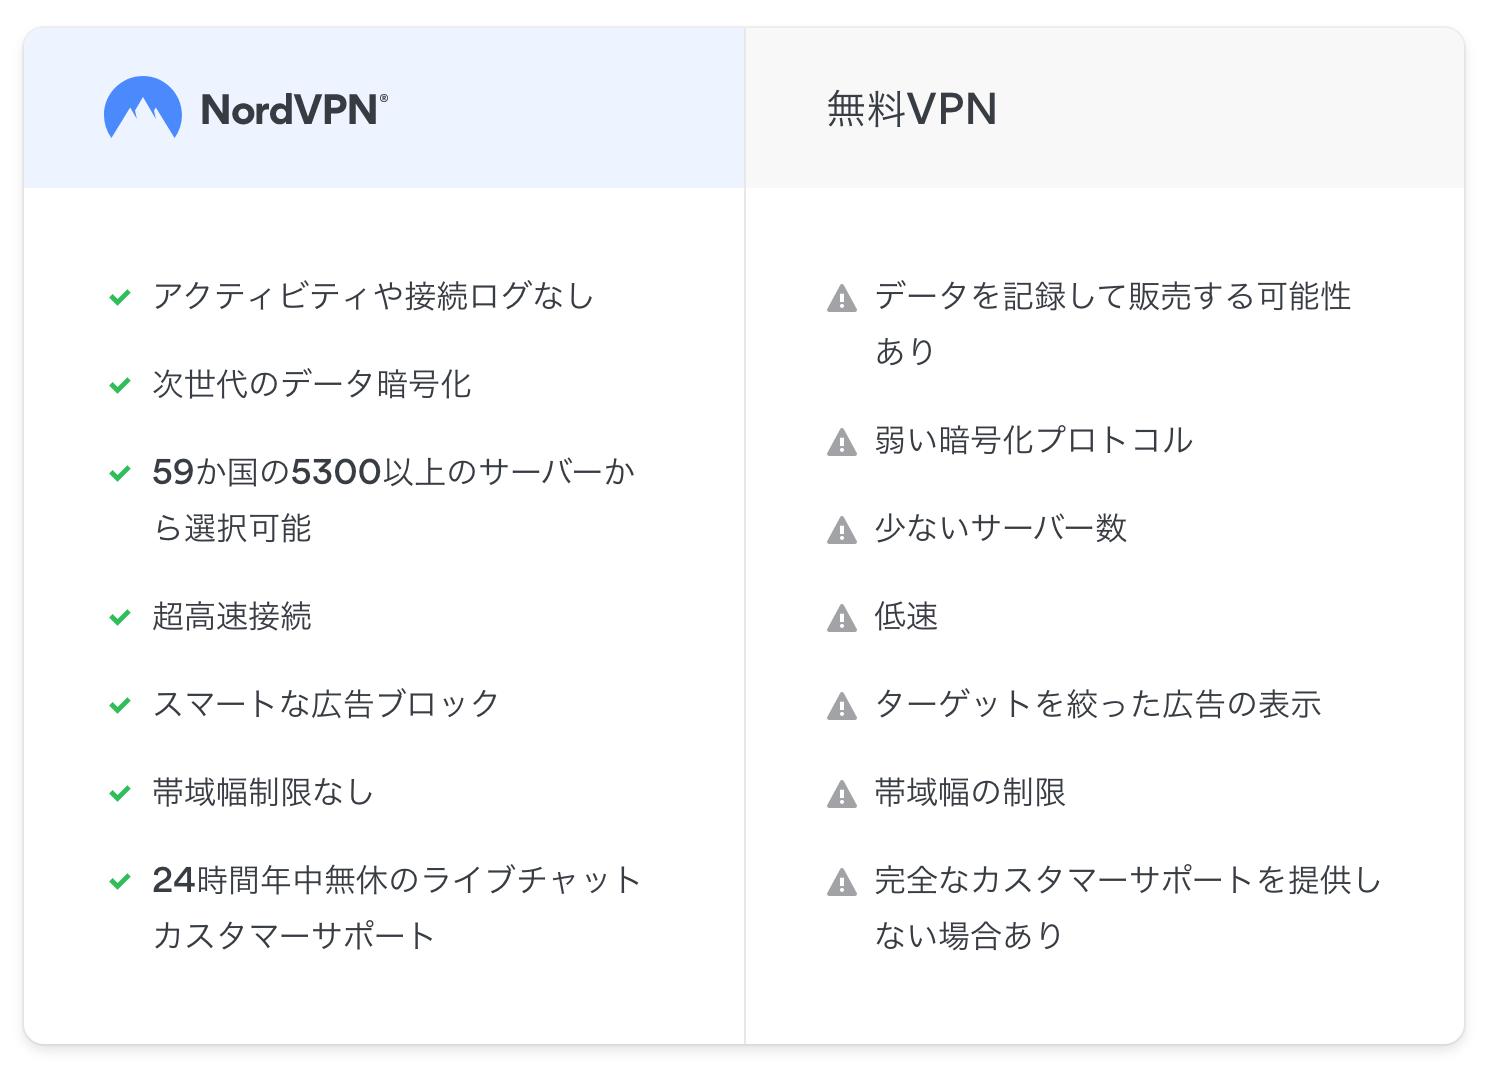 有料VPNはセキュリティもしっかりしているので安心・安全!